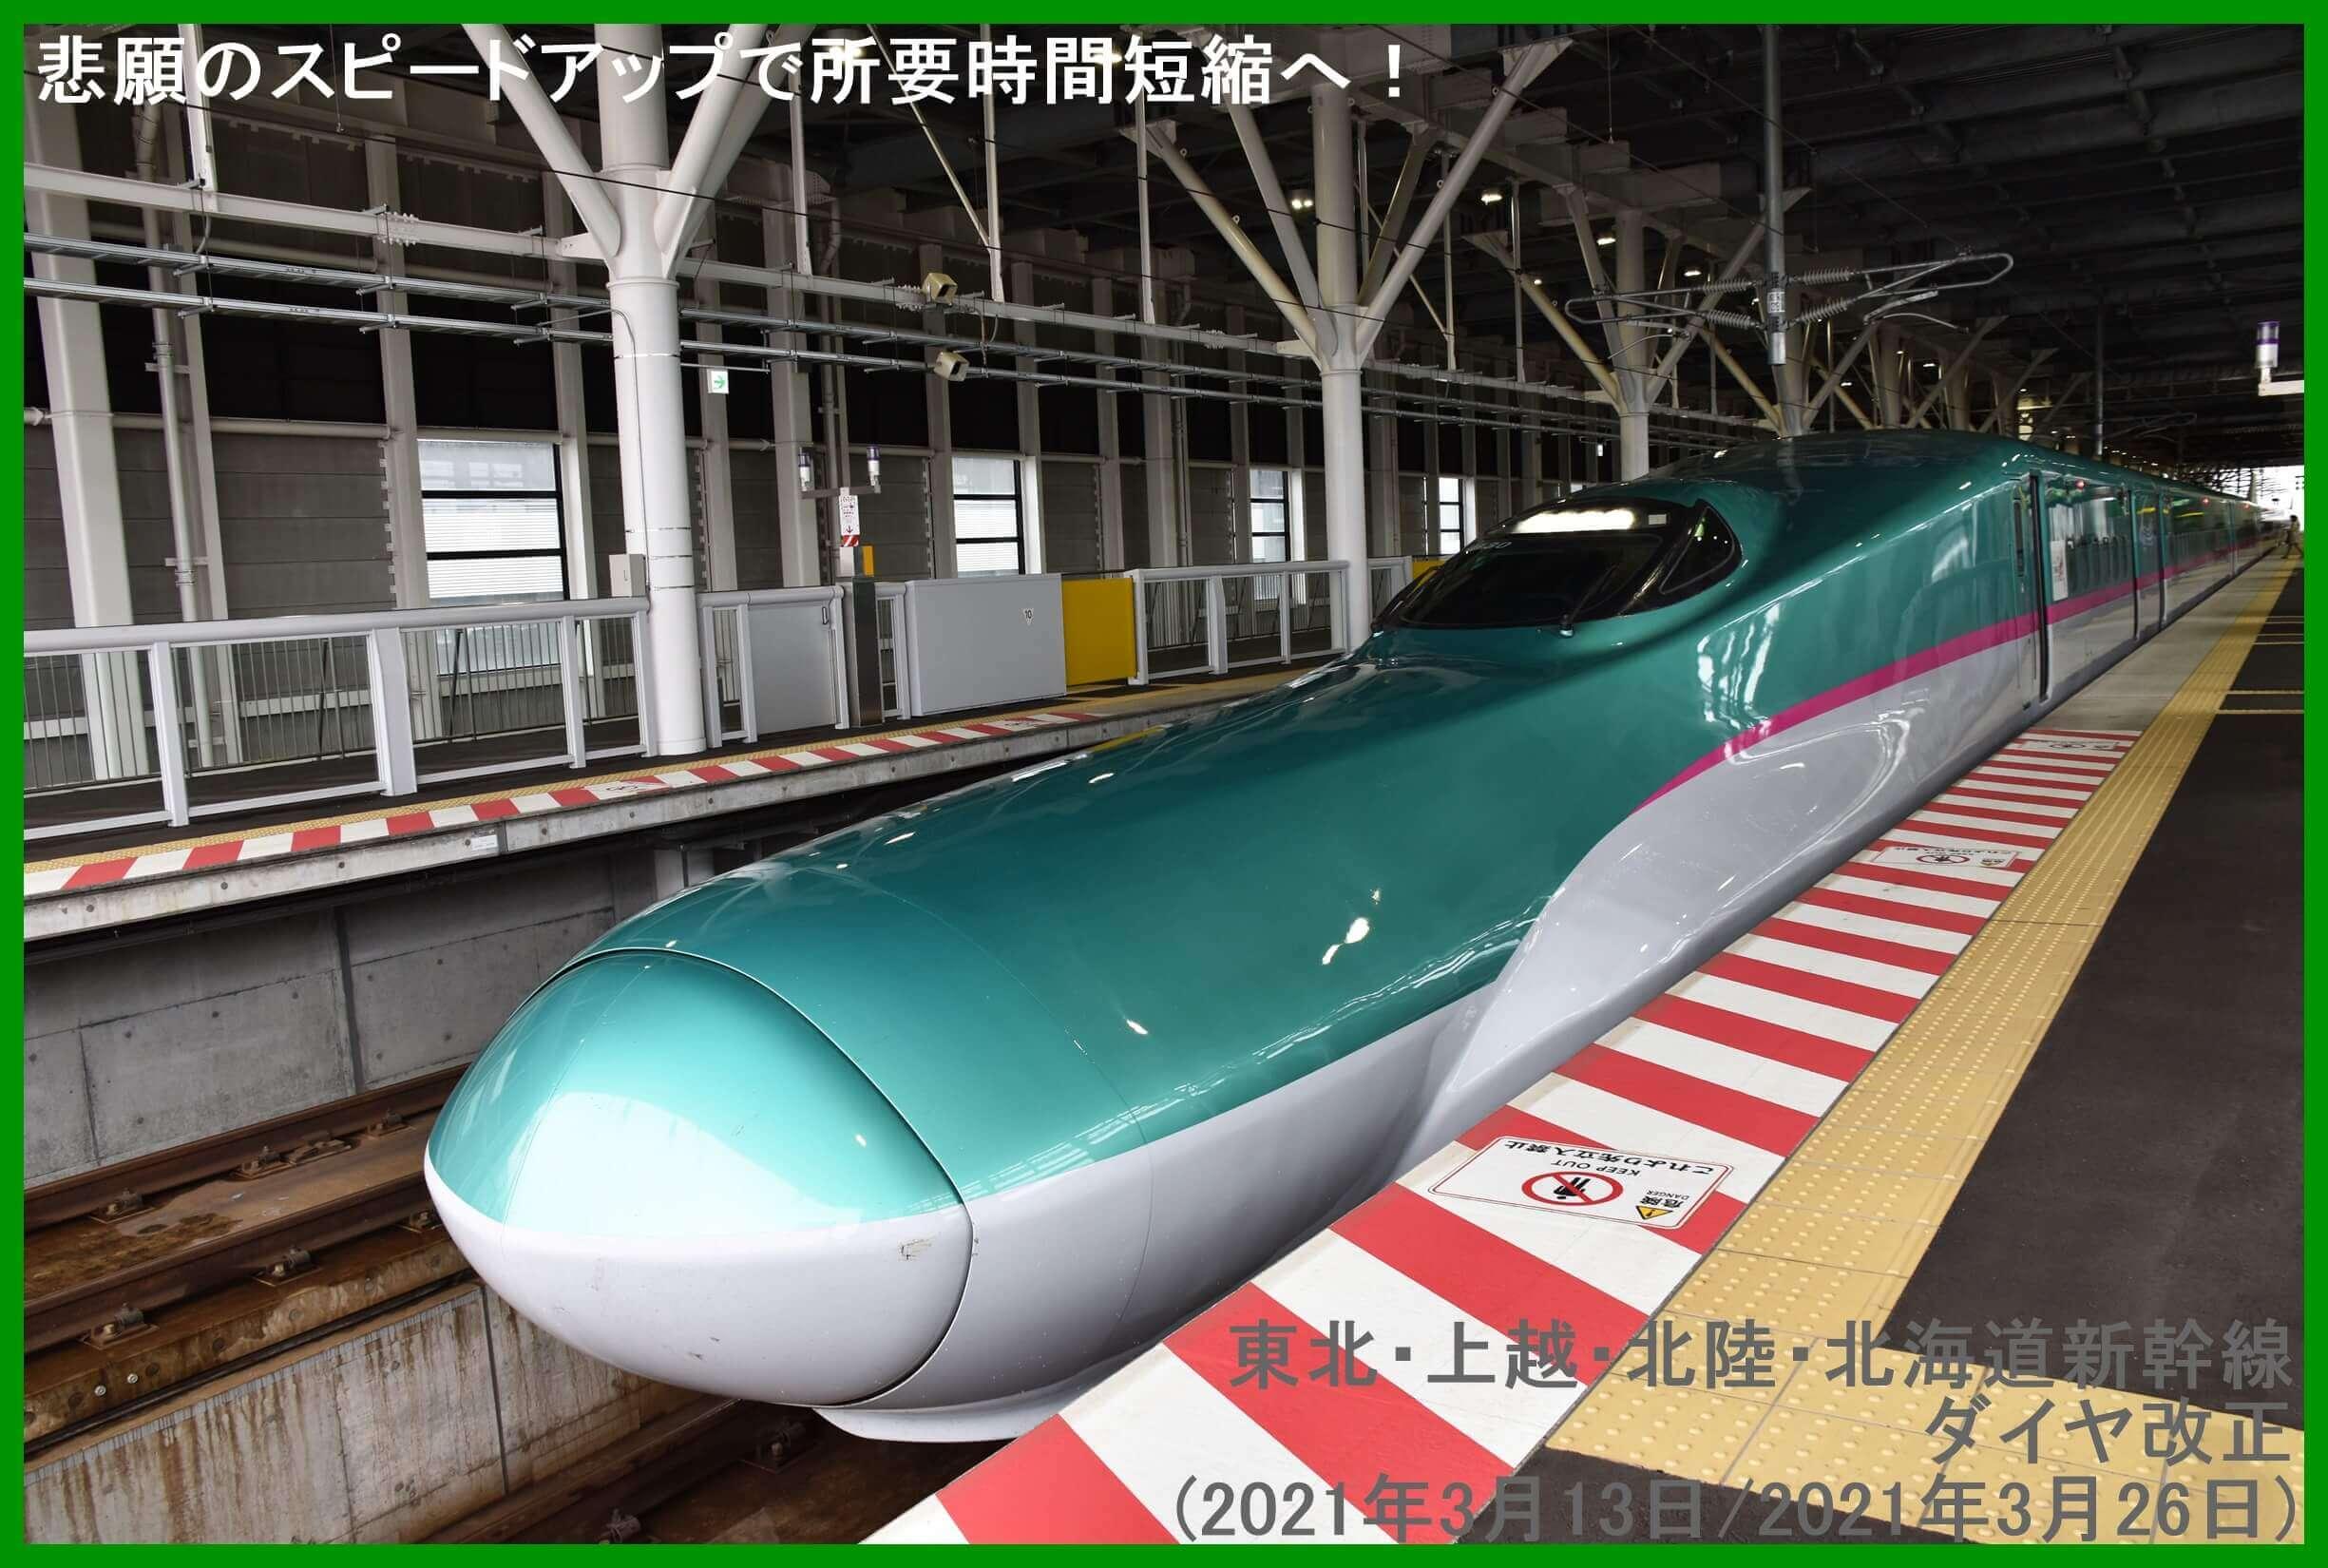 悲願のスピードアップで所要時間短縮へ! 東北・上越・北陸・北海道新幹線ダイヤ改正(2021年3月13日/2021年3月26日)